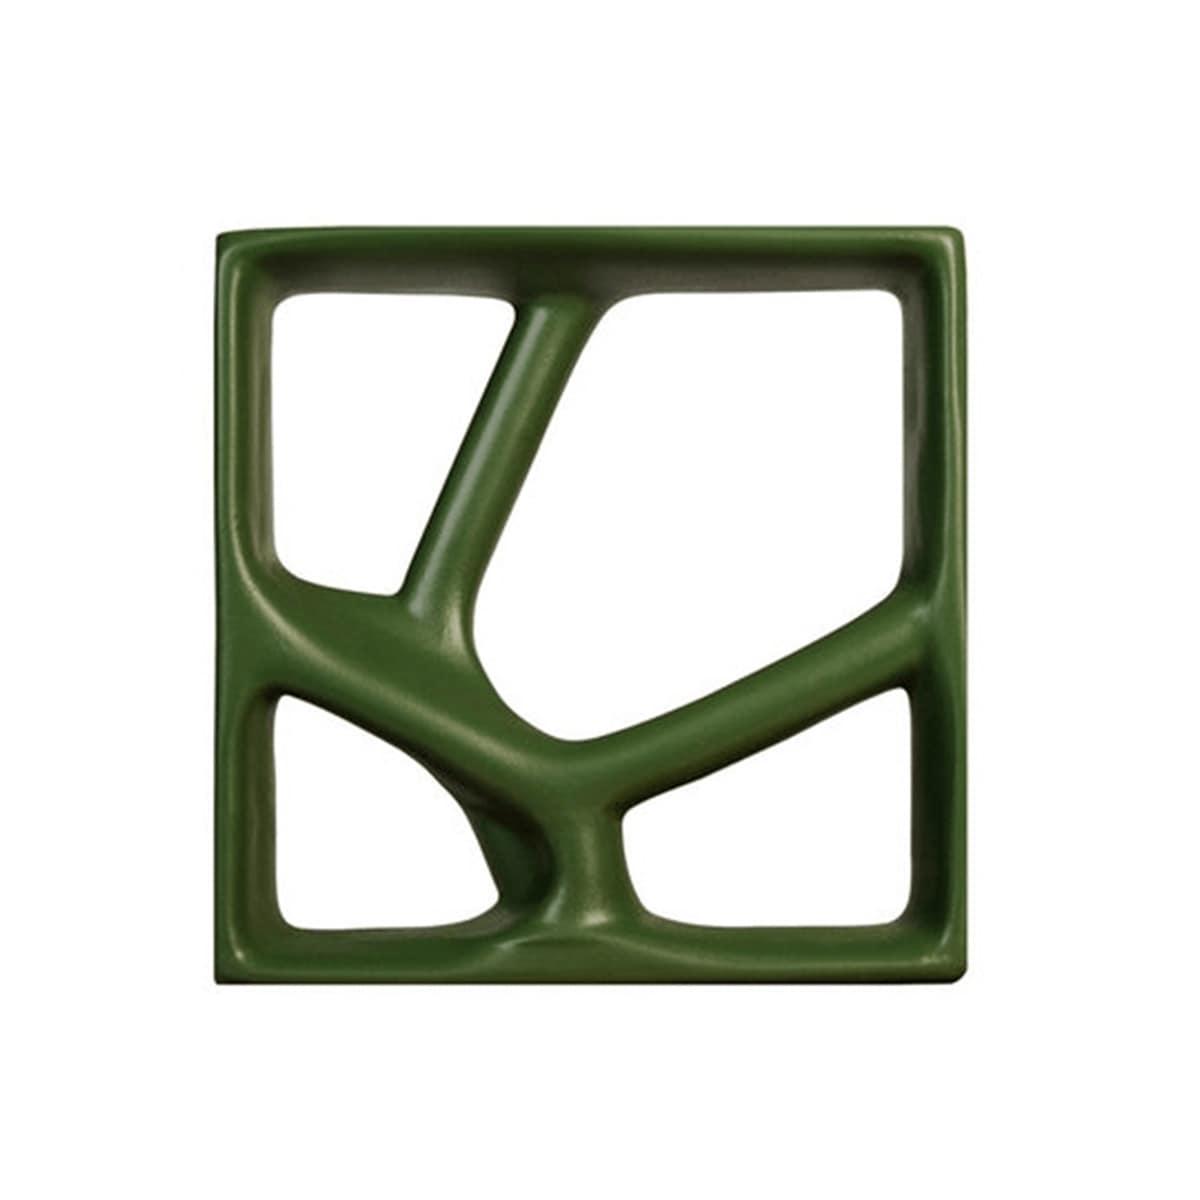 Cobogó Rizoma Peça A - Esmaltado - 29,5x29,5cm